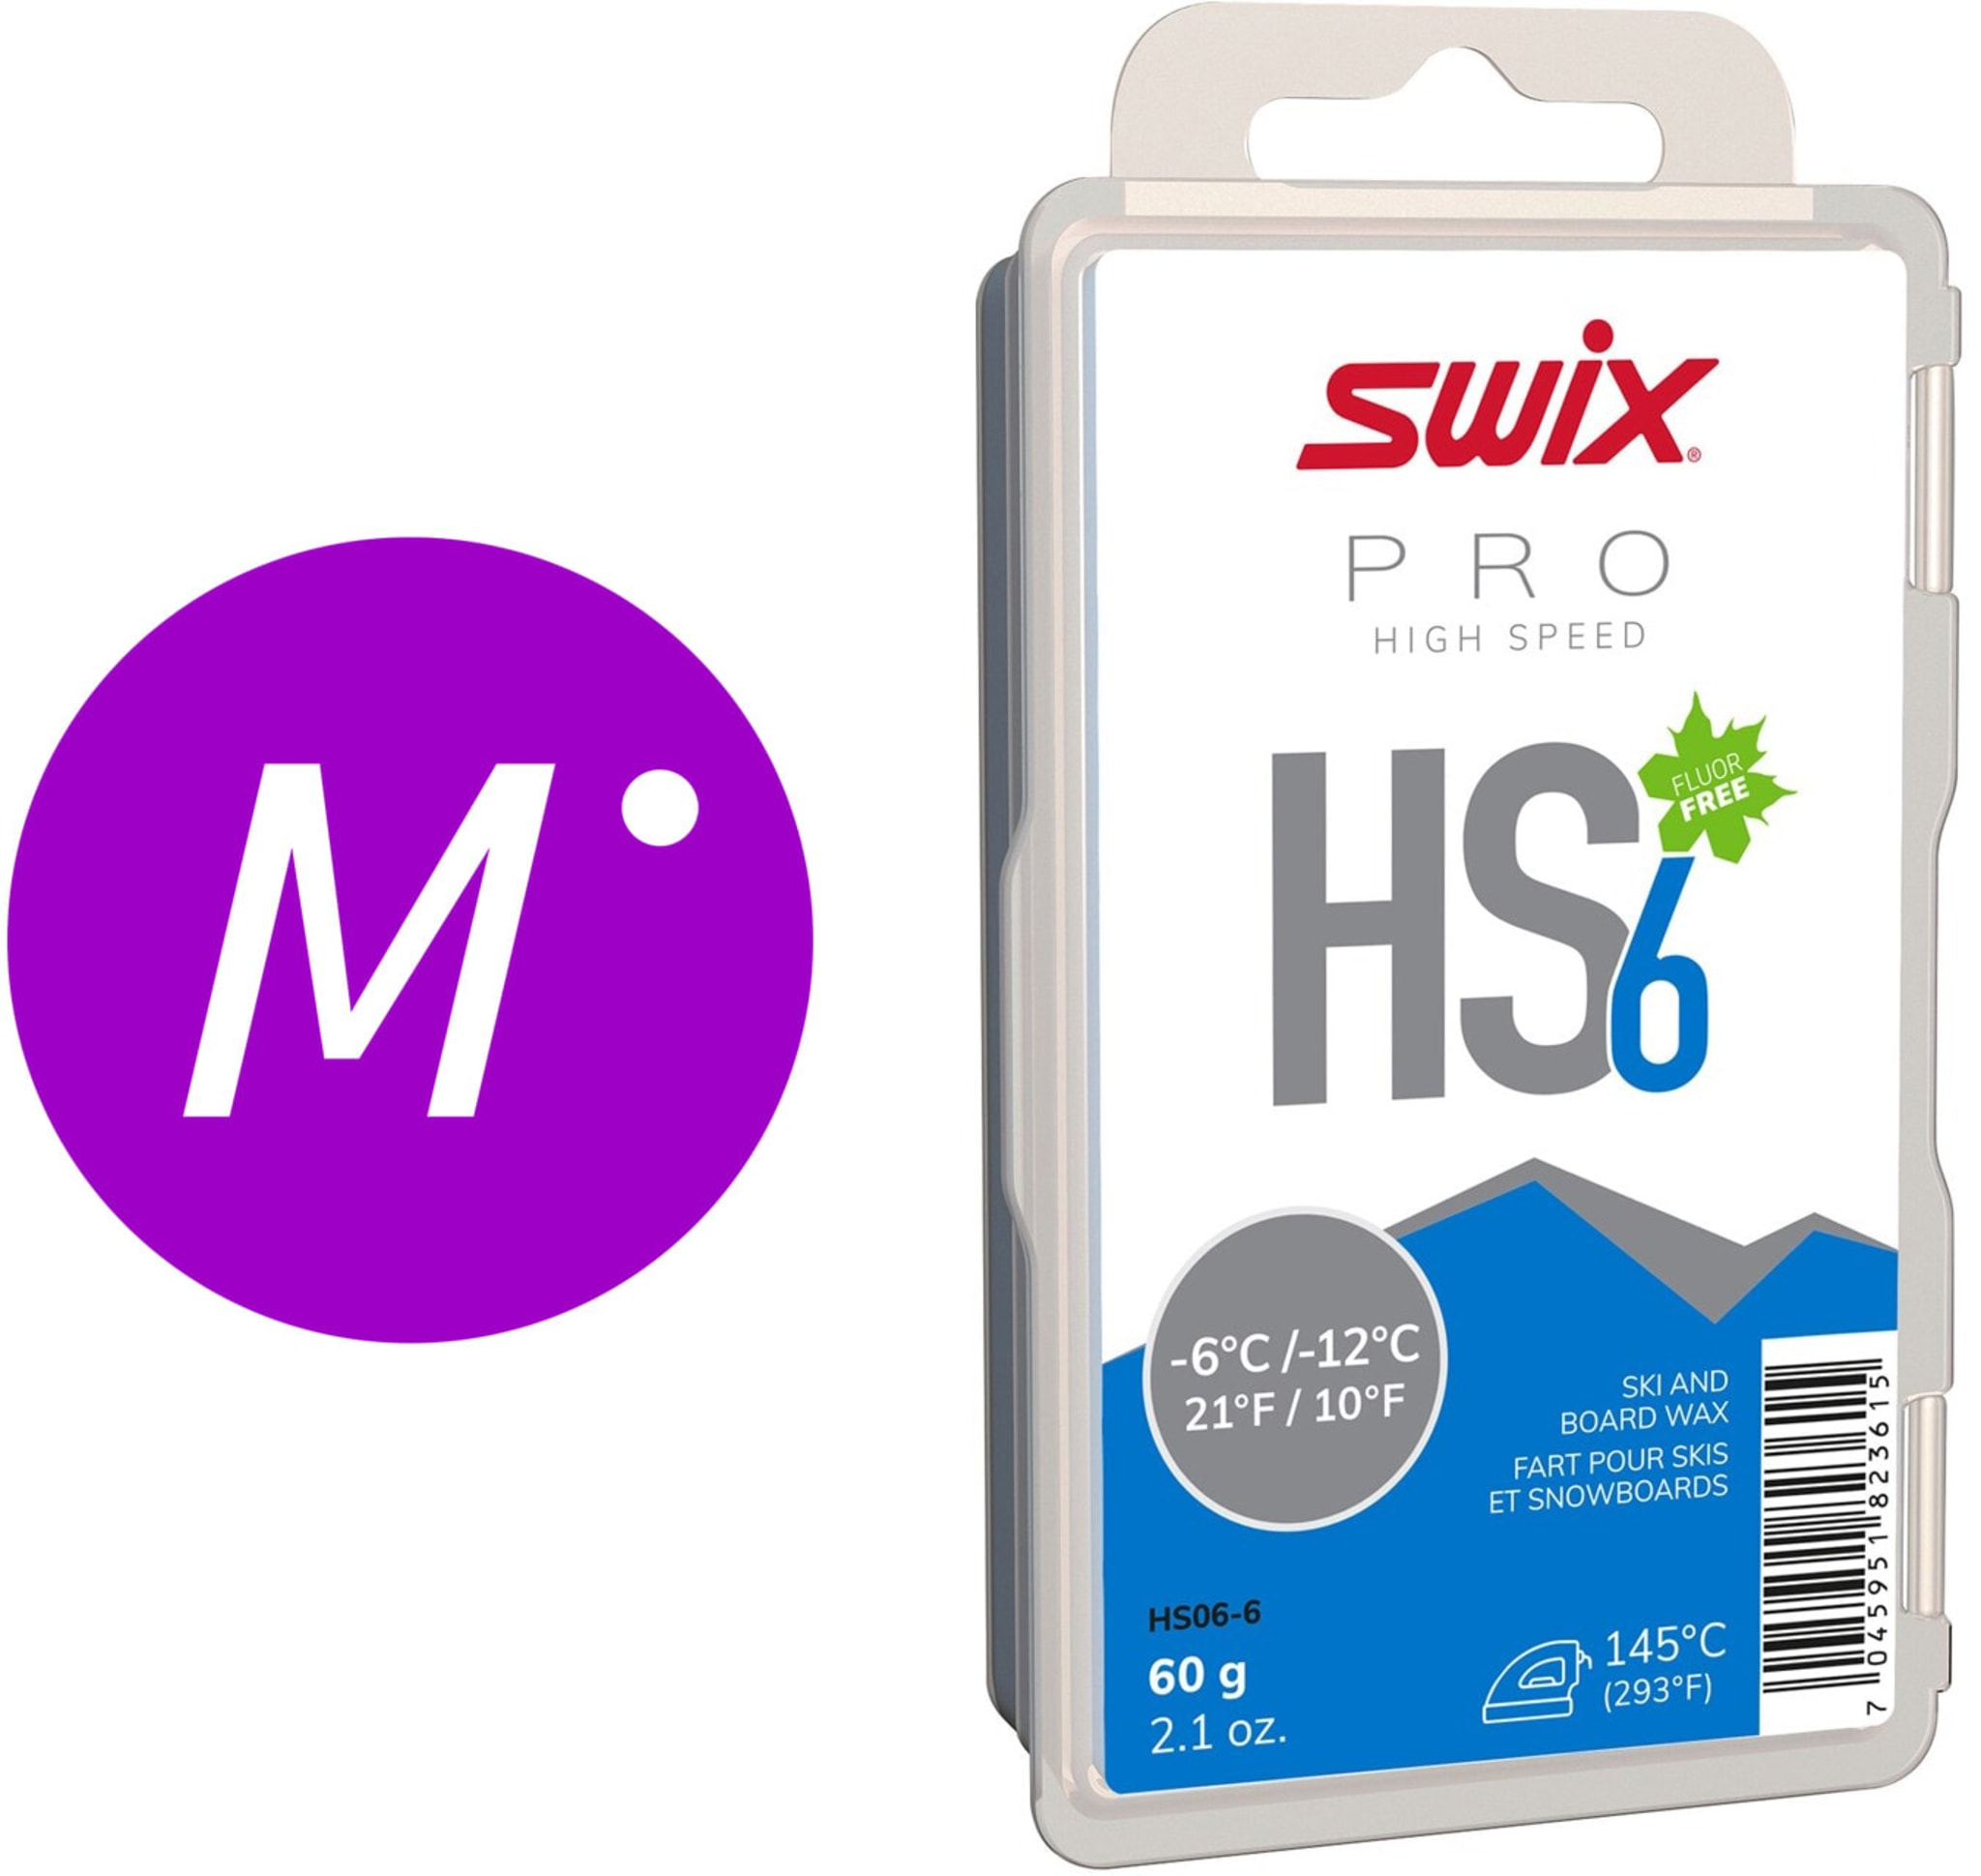 Skin Slip Brukte Ski med Swix HS Prepp